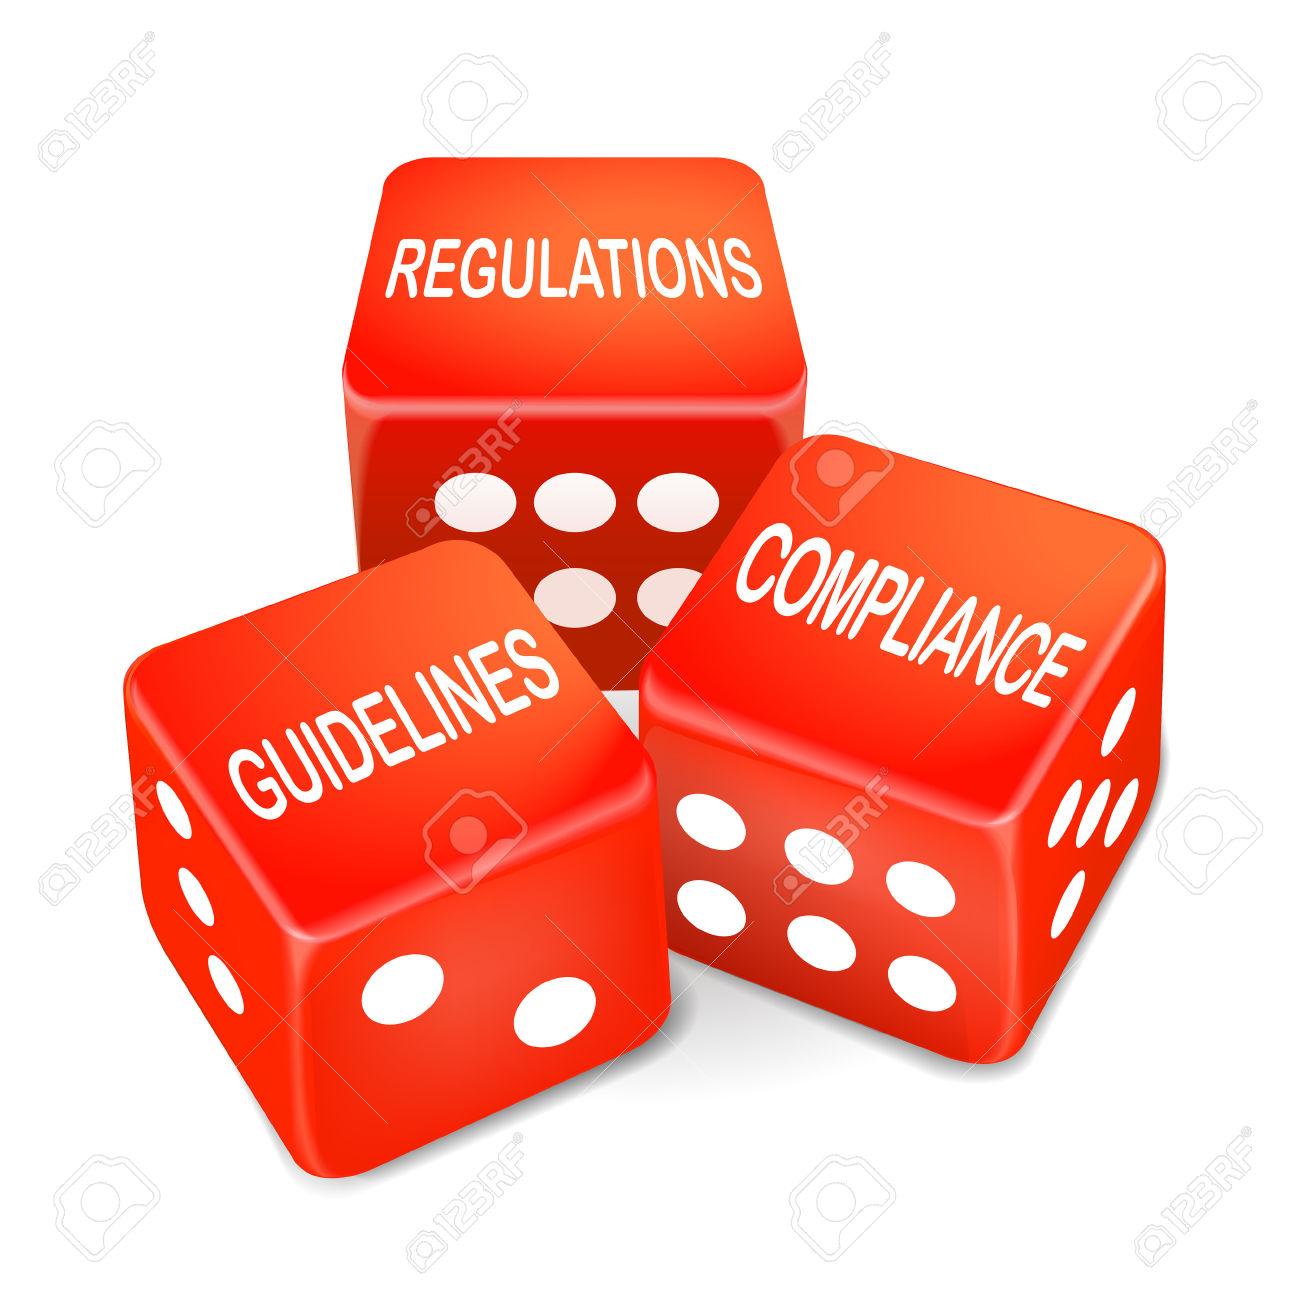 Regulation clipart #9